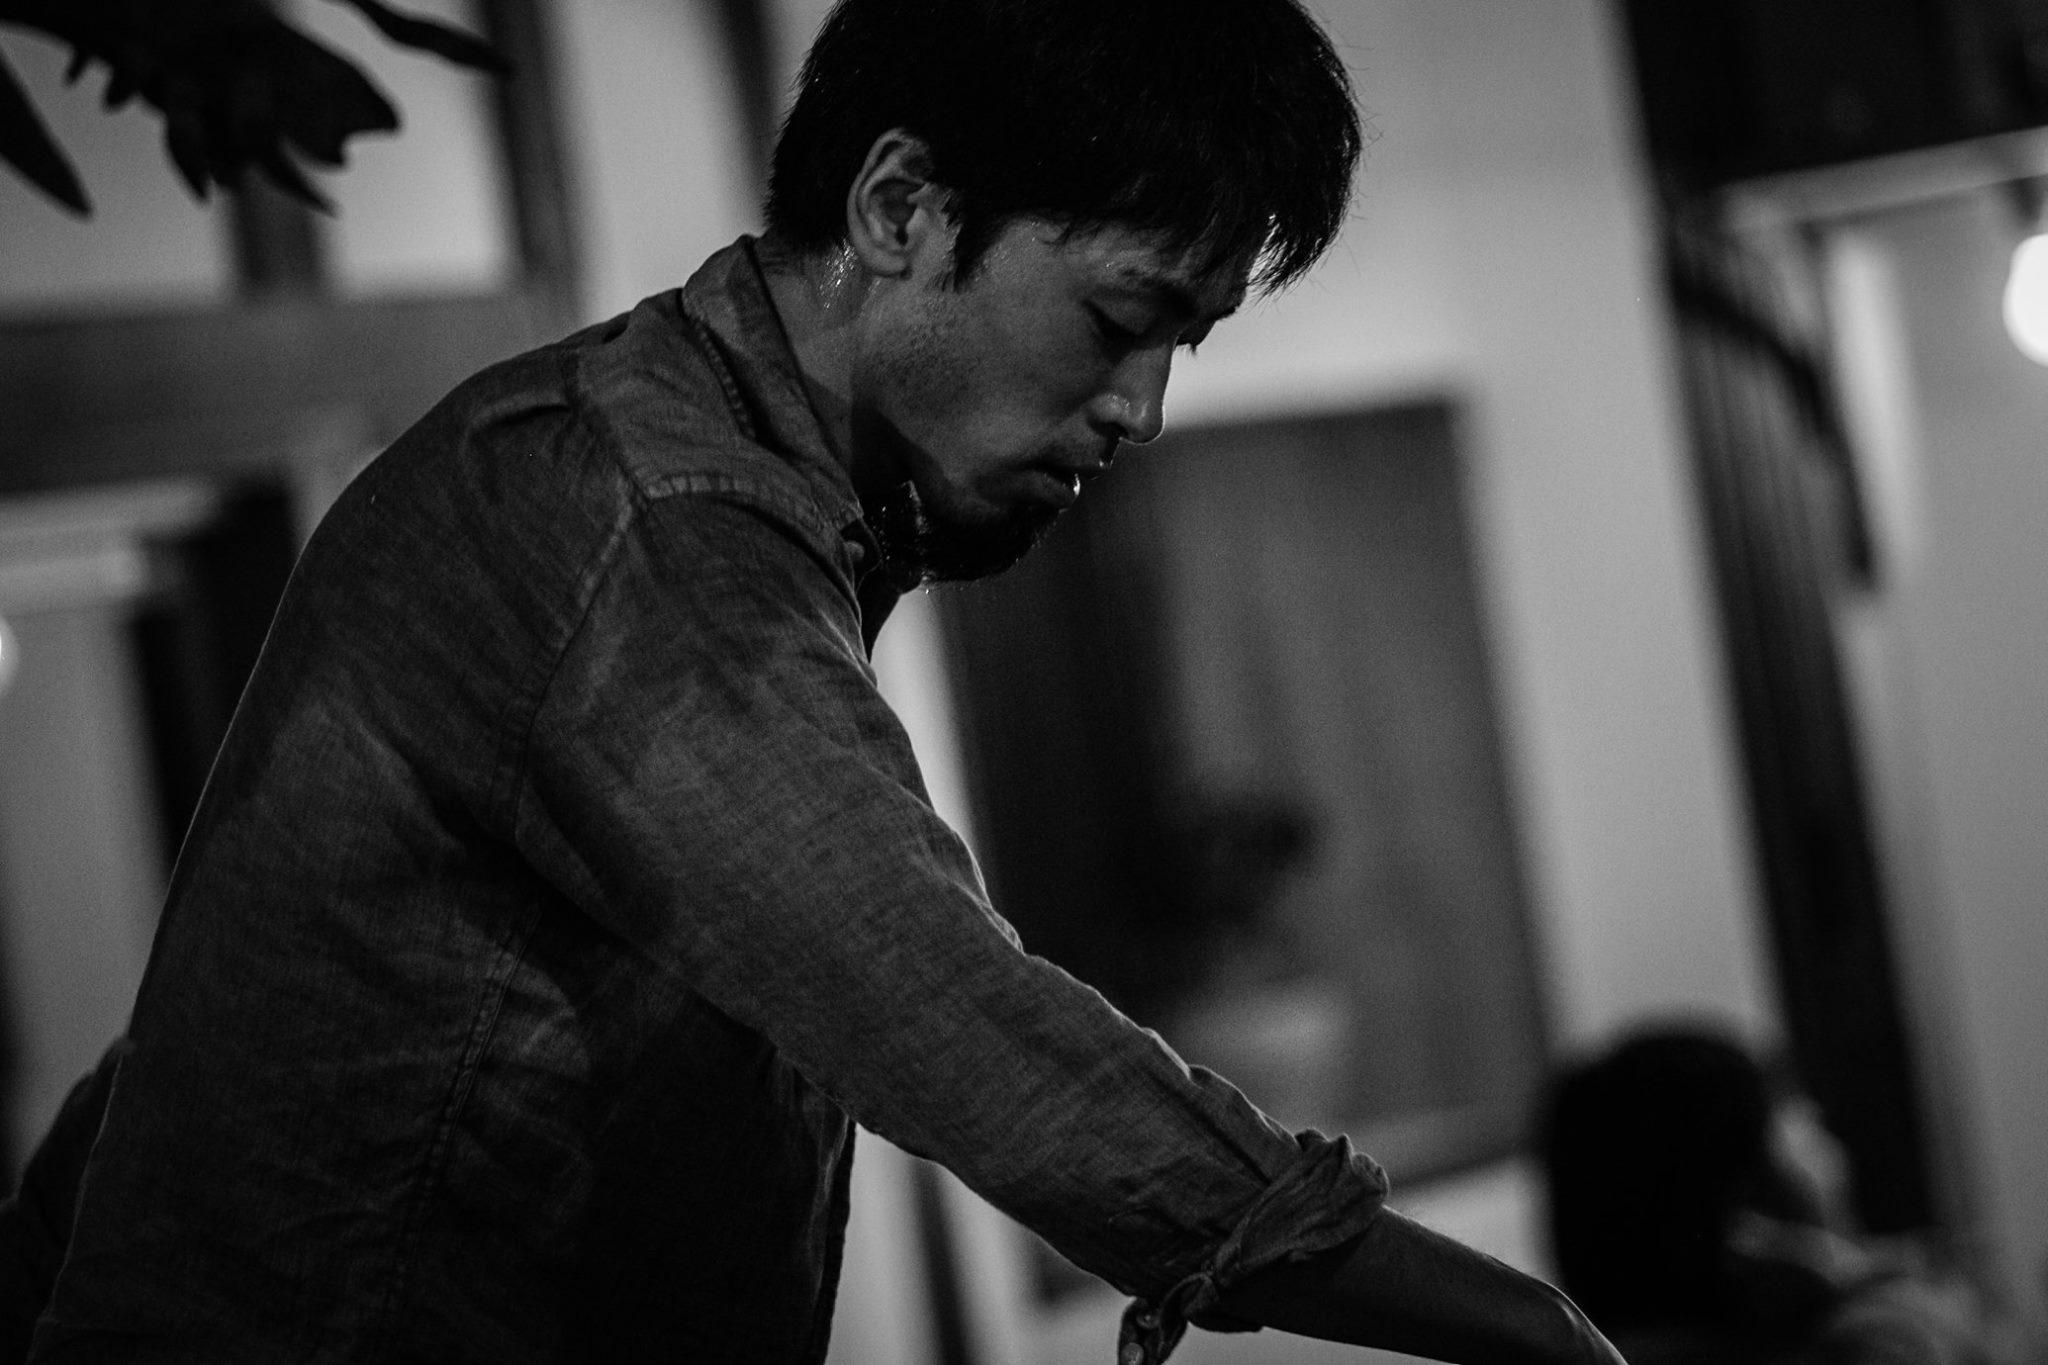 photo: Shiho Furumaya